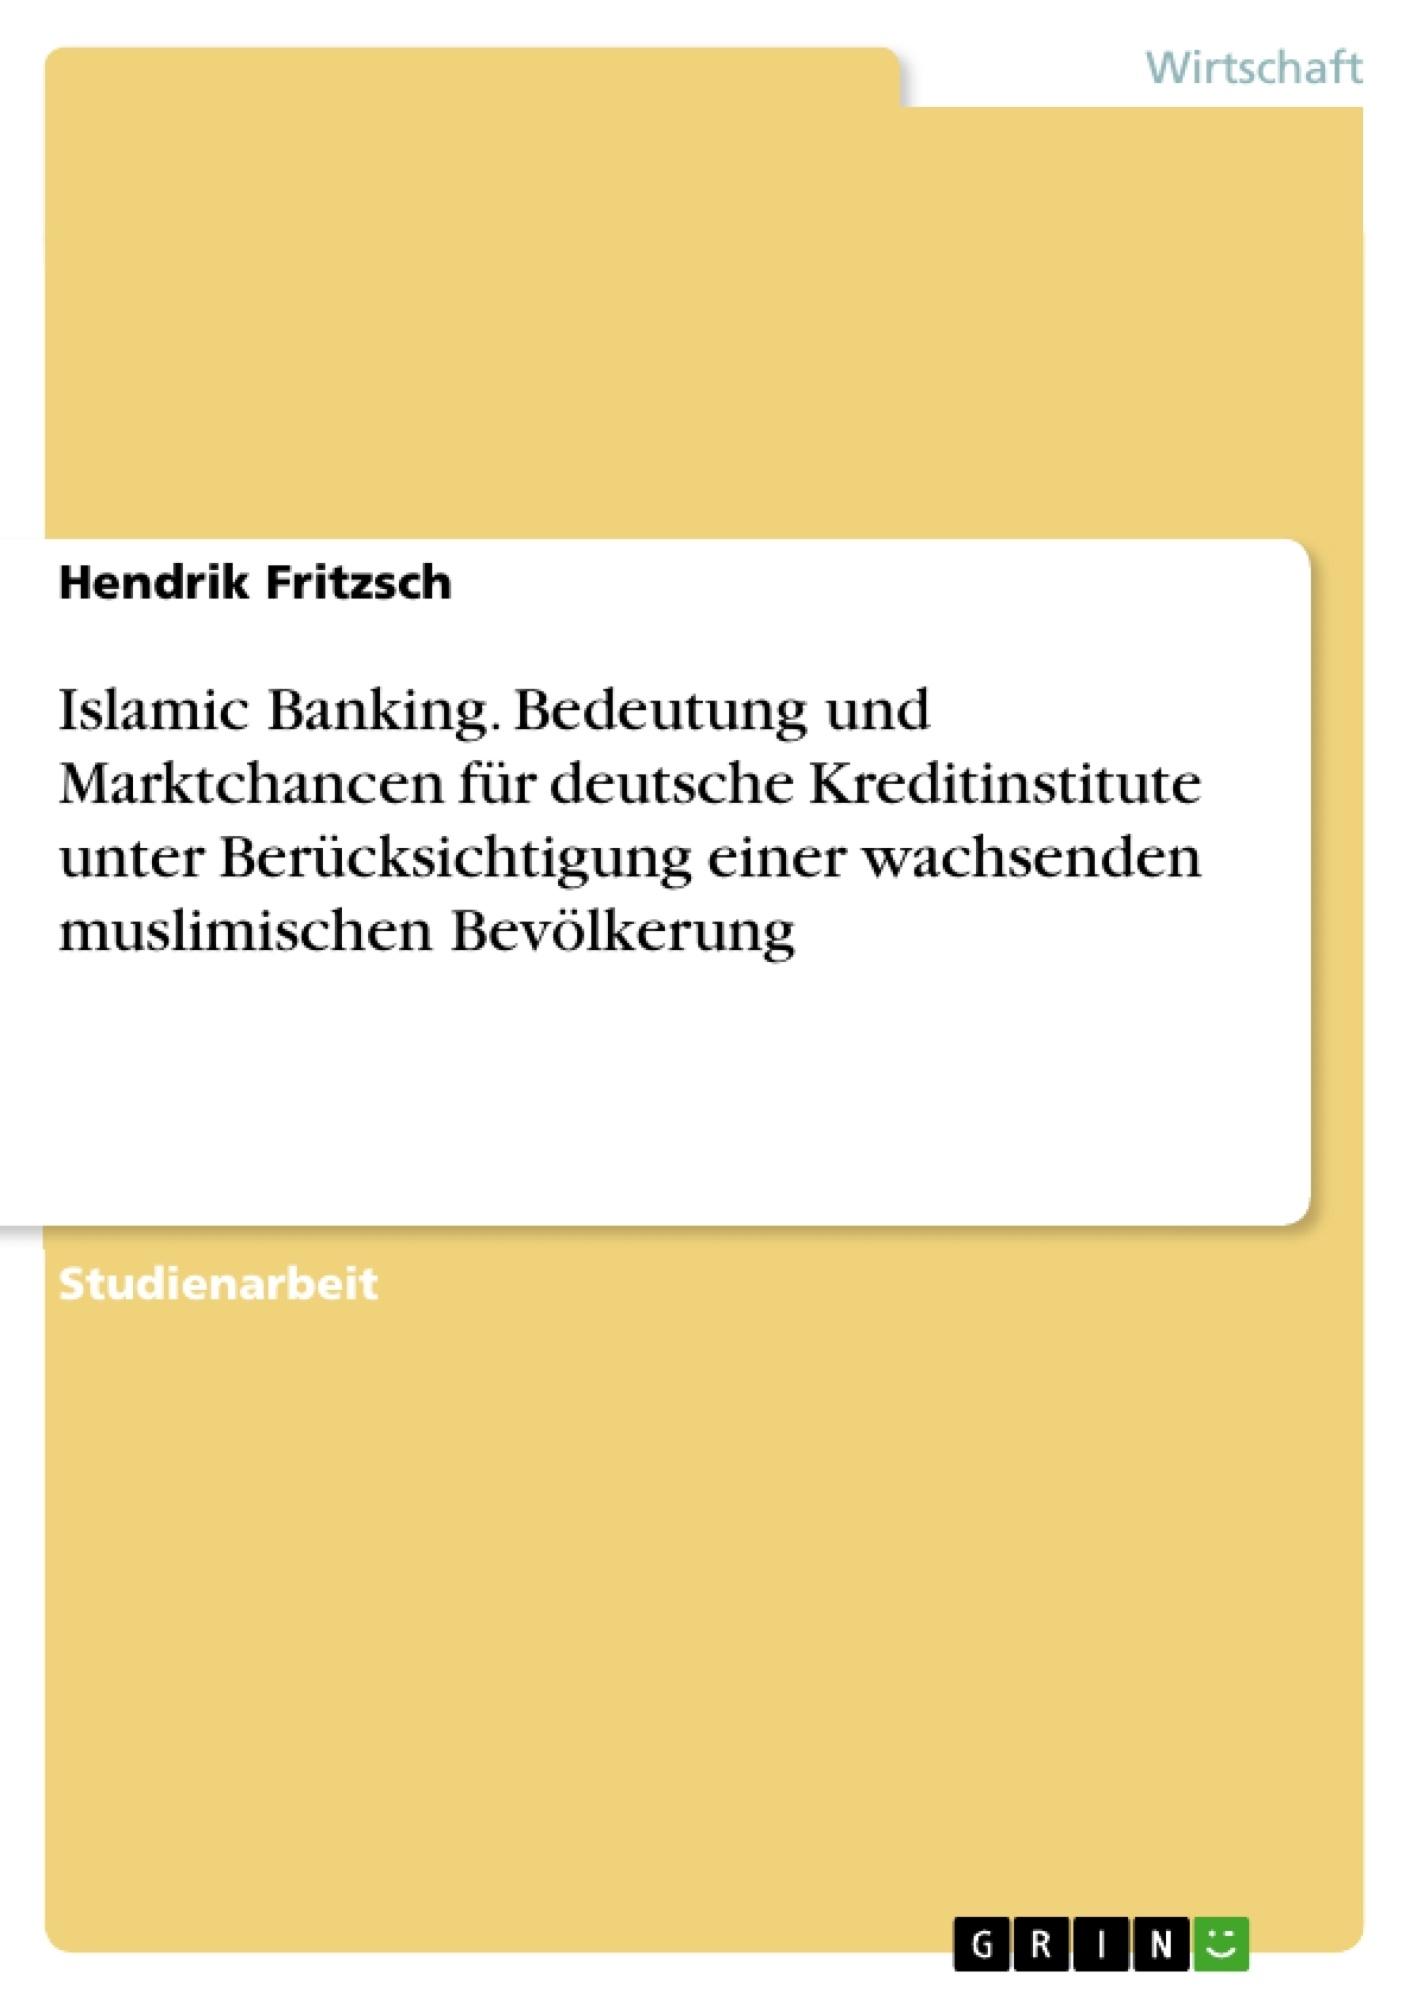 Titel: Islamic Banking. Bedeutung und Marktchancen für deutsche Kreditinstitute unter Berücksichtigung einer wachsenden muslimischen Bevölkerung